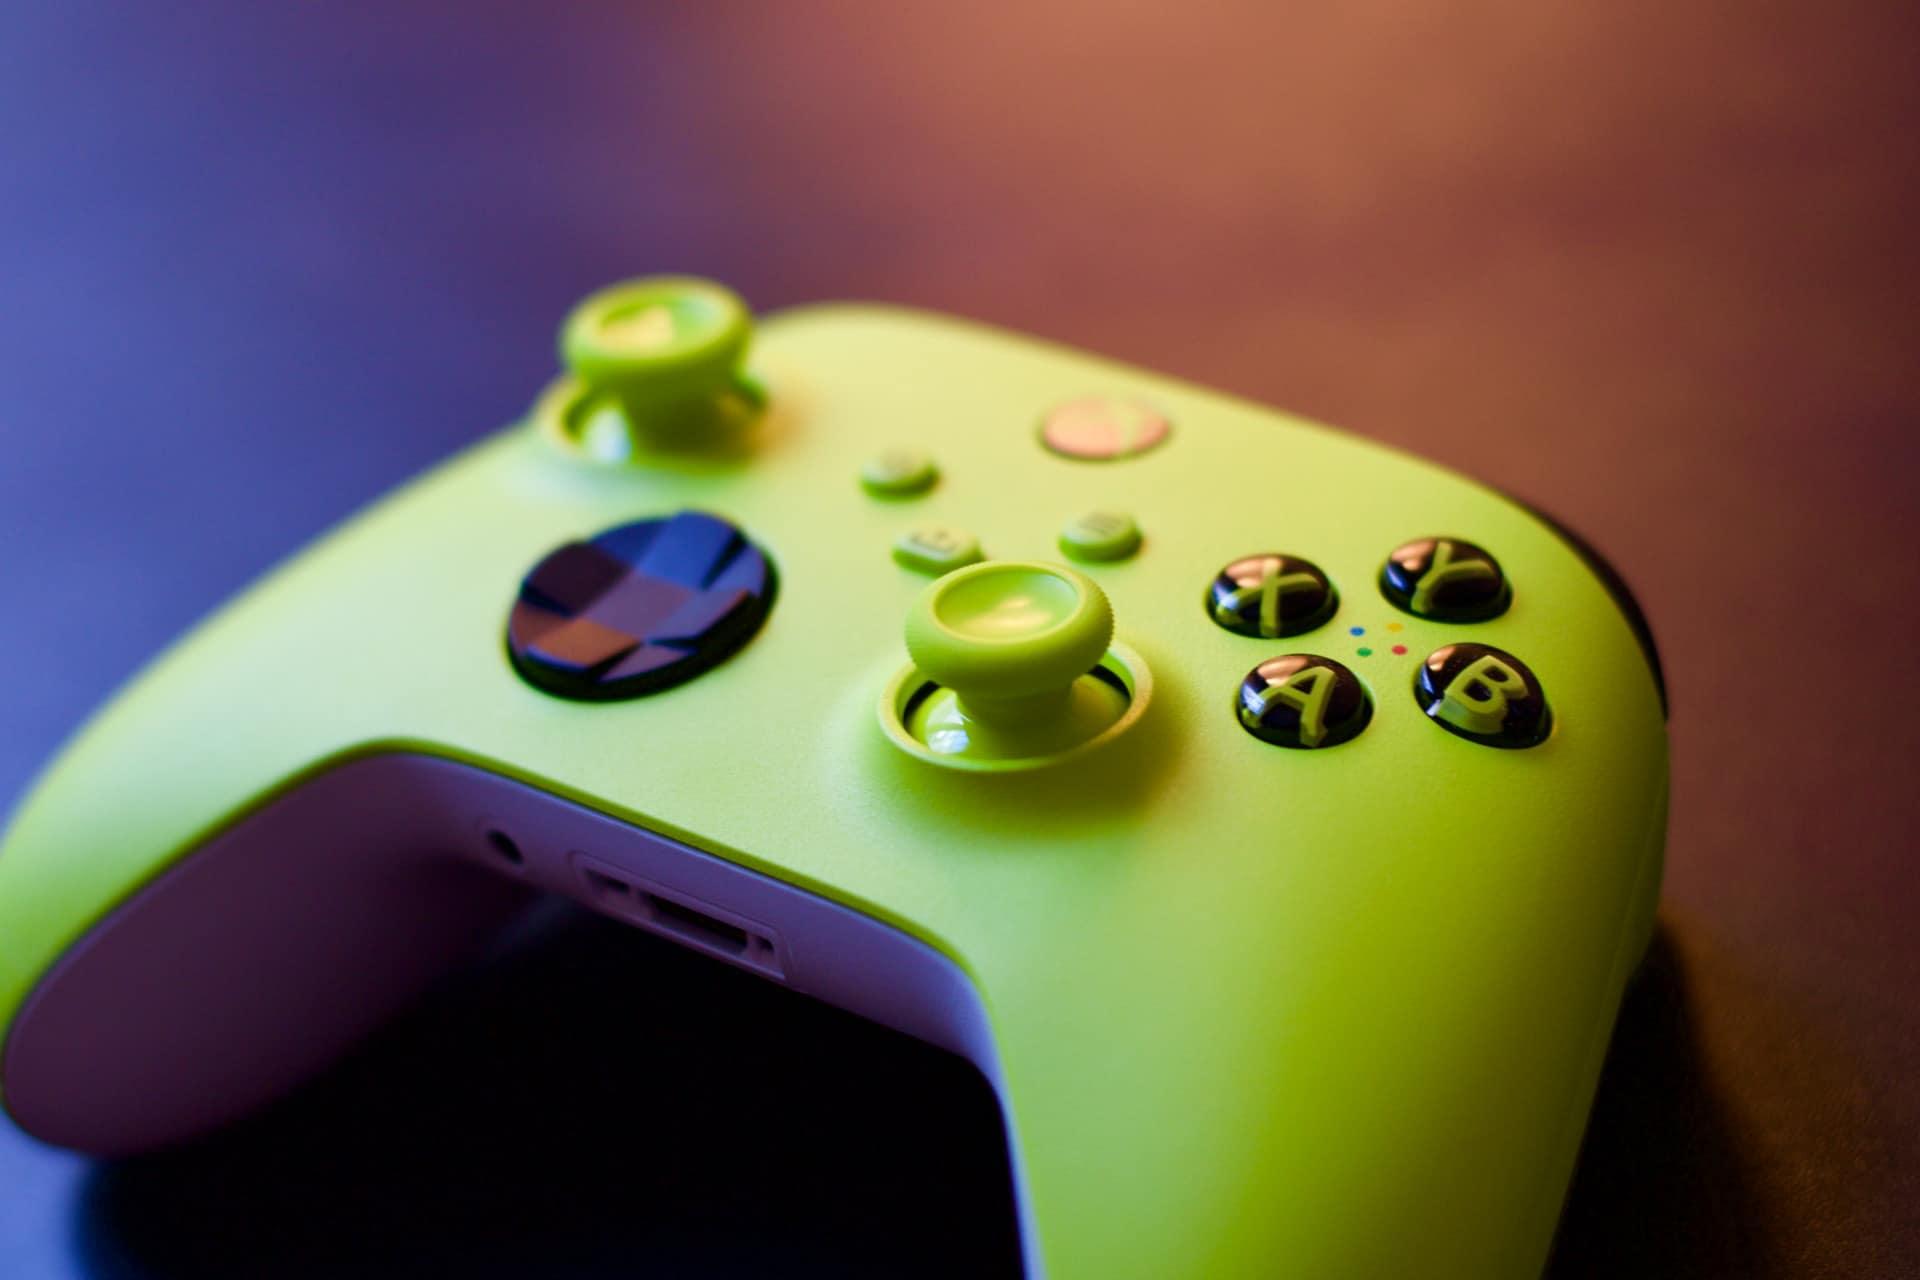 Manette Xbox Electric Volt